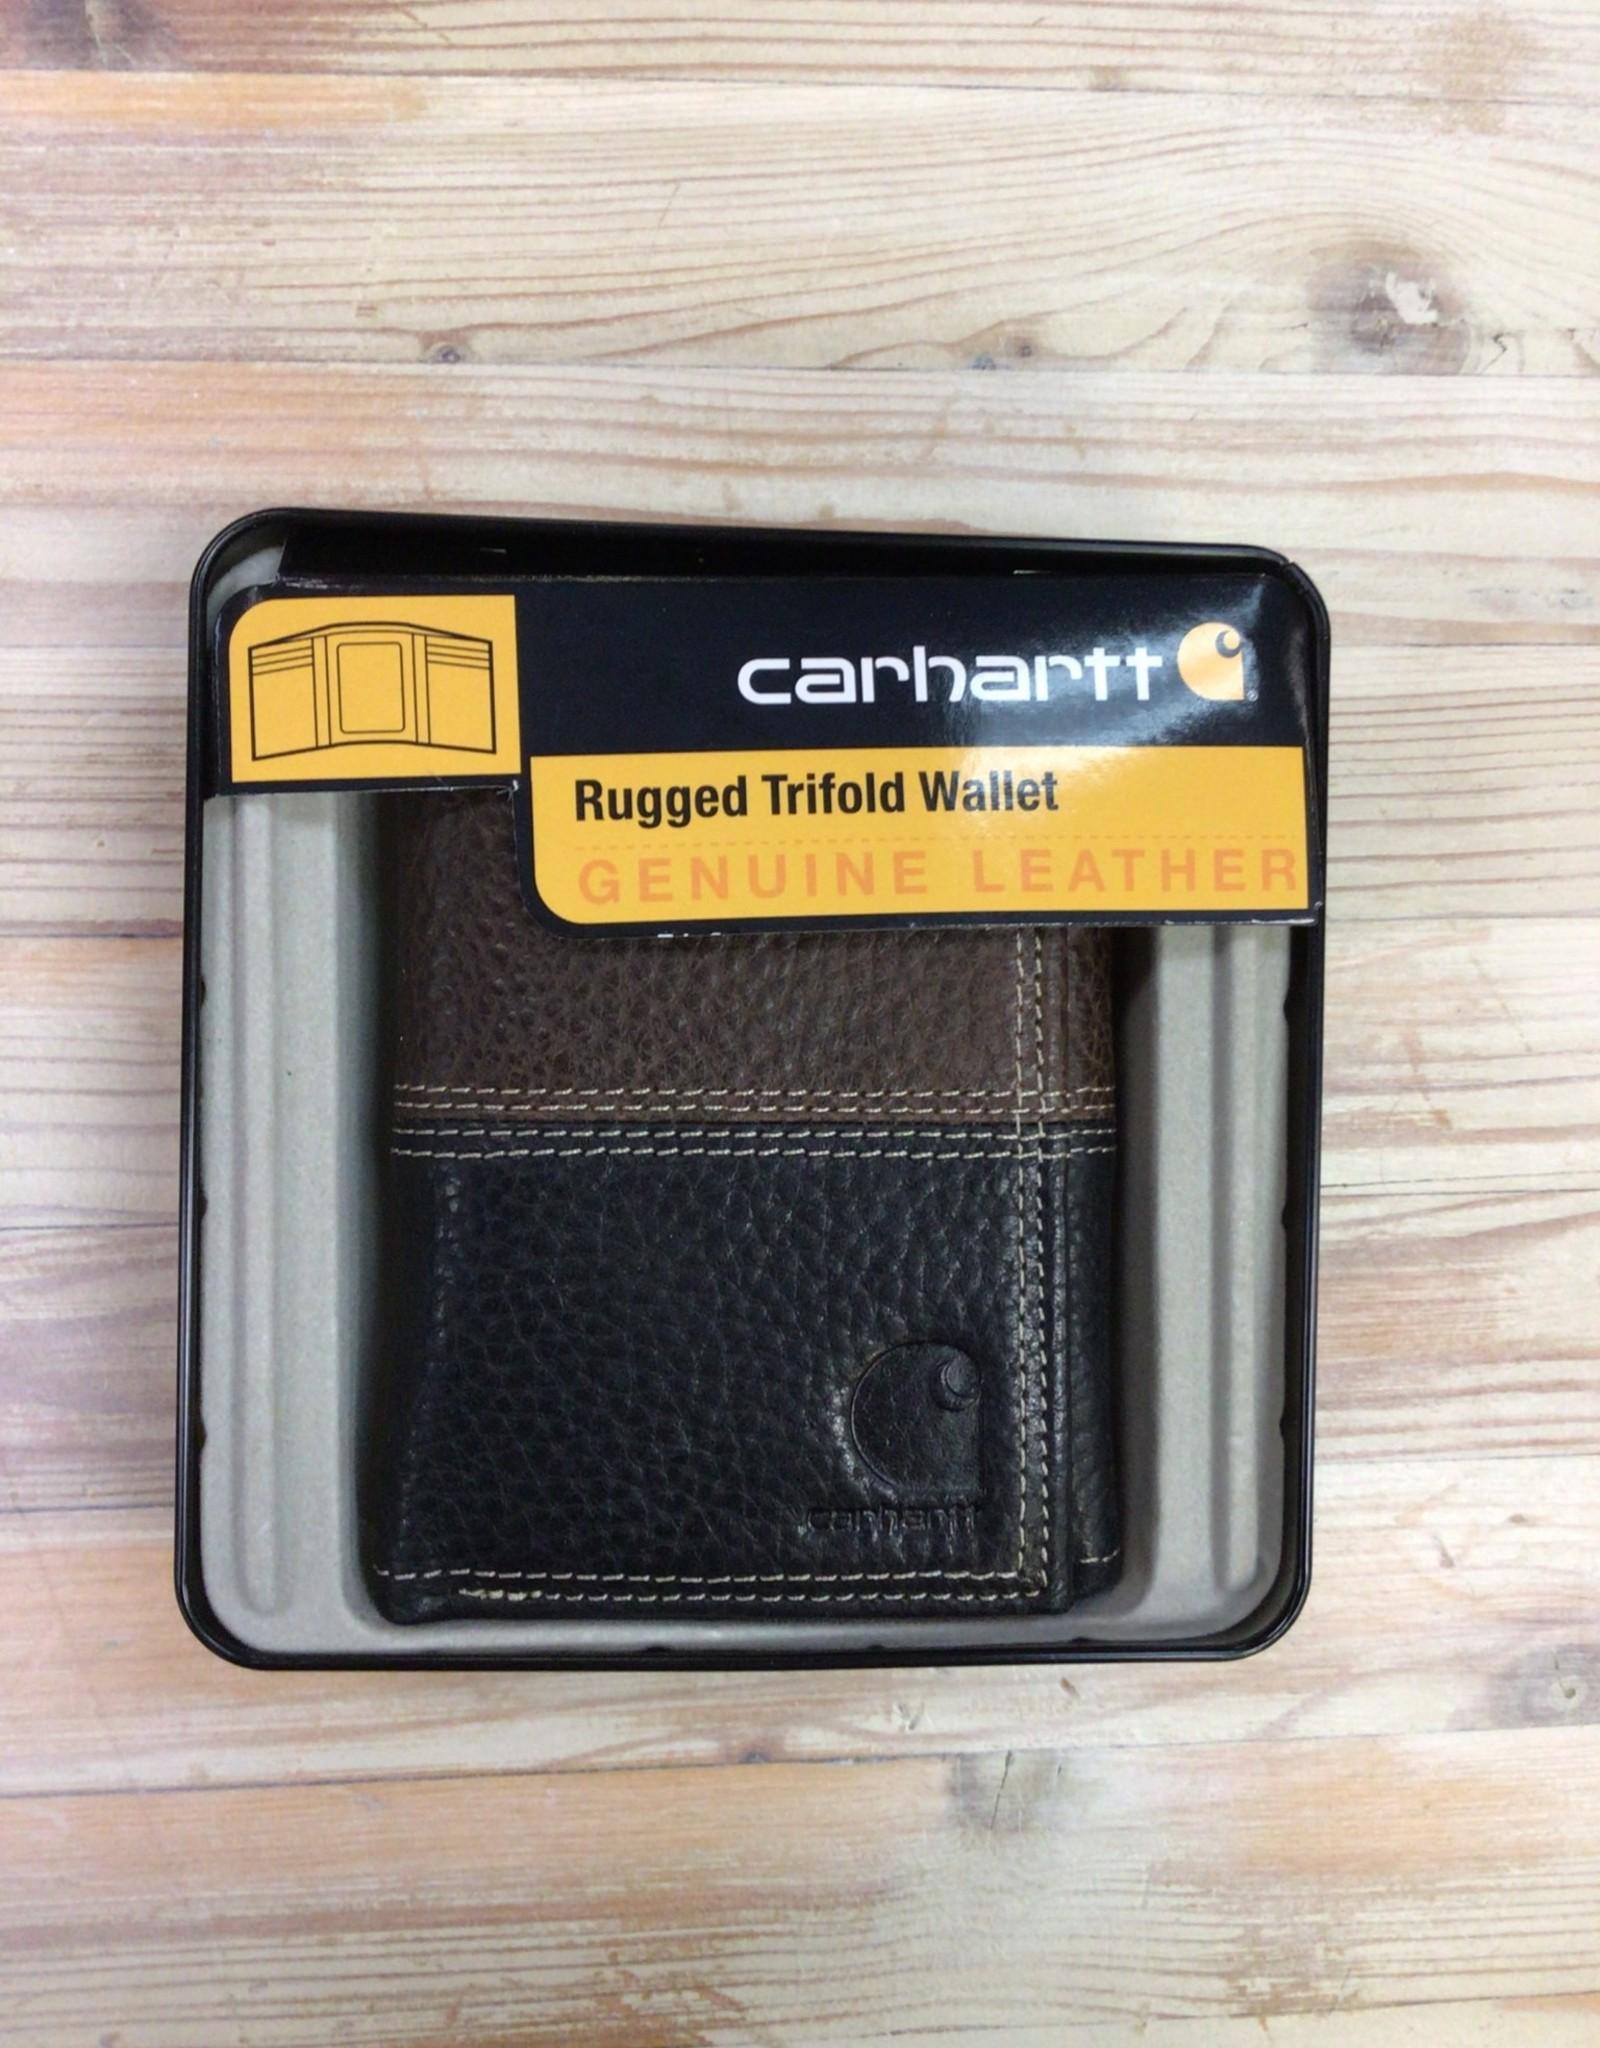 Carhartt Carhartt Rugged Trifold Wallet